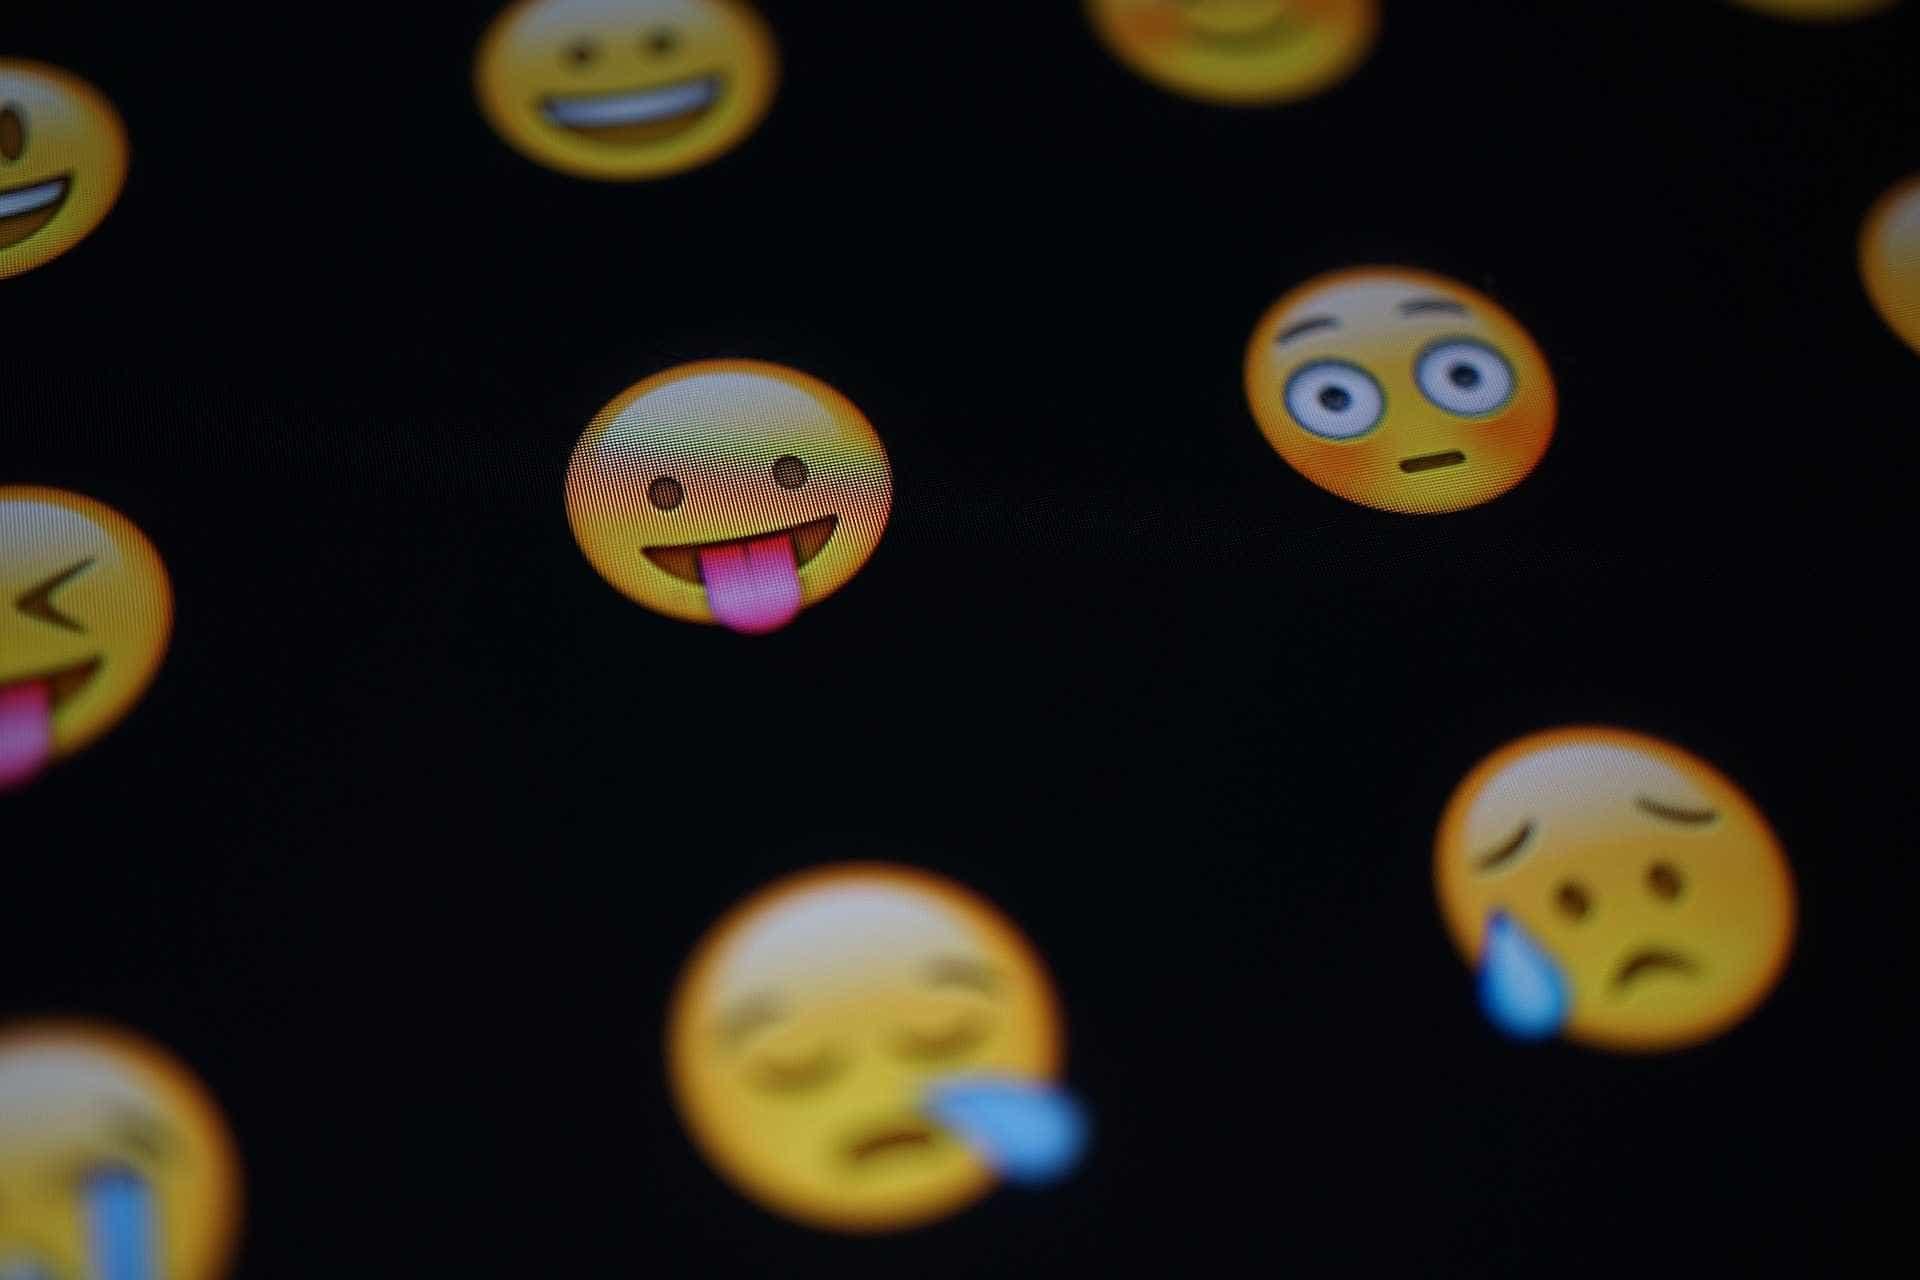 Relembre as 'polêmicas' que marcaram as transformações dos emojis